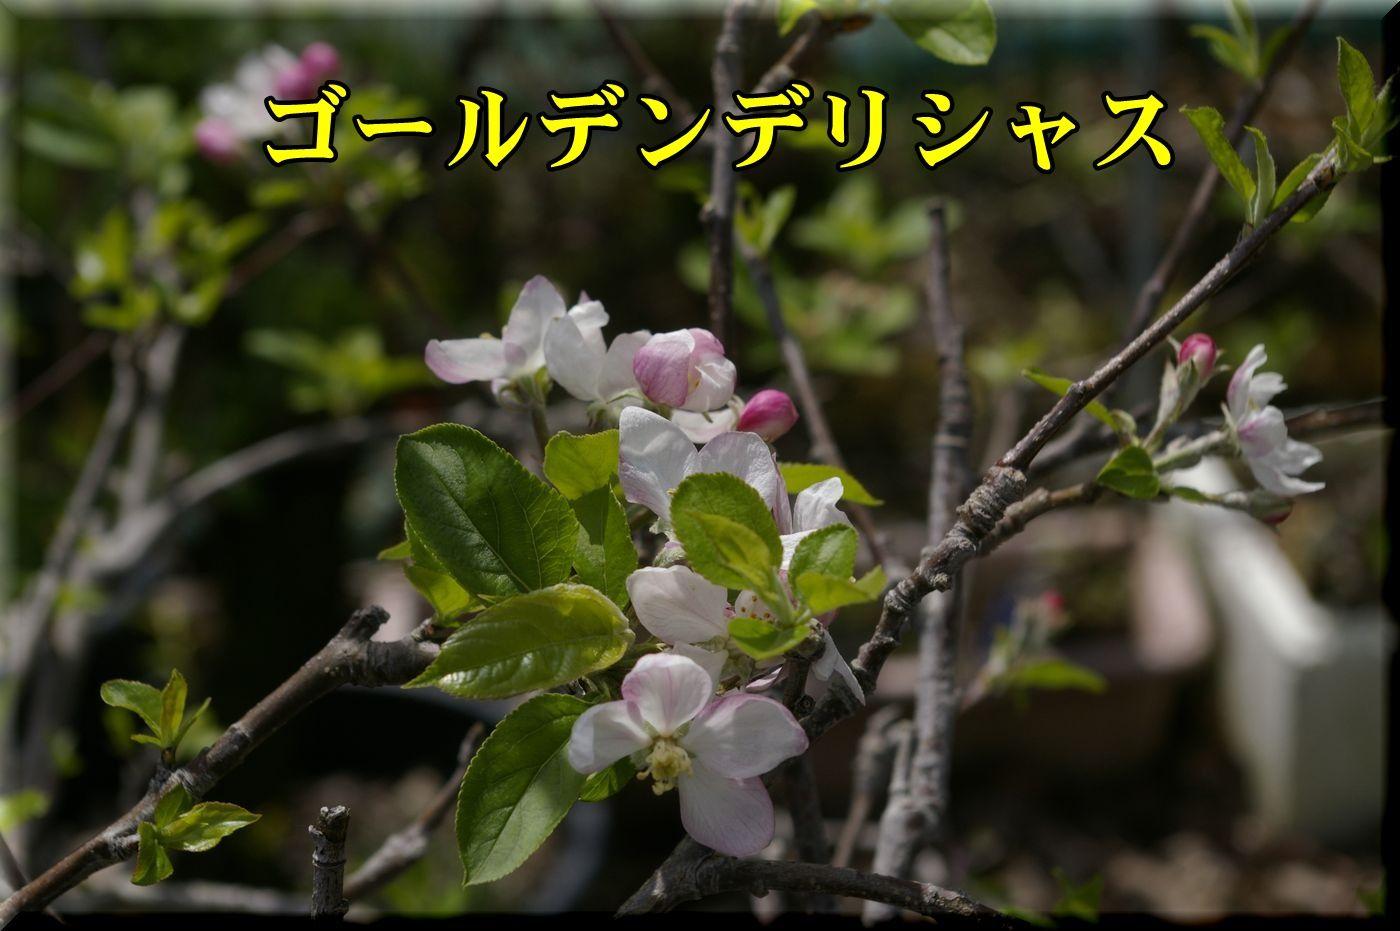 1Gdeli160409_013.jpg